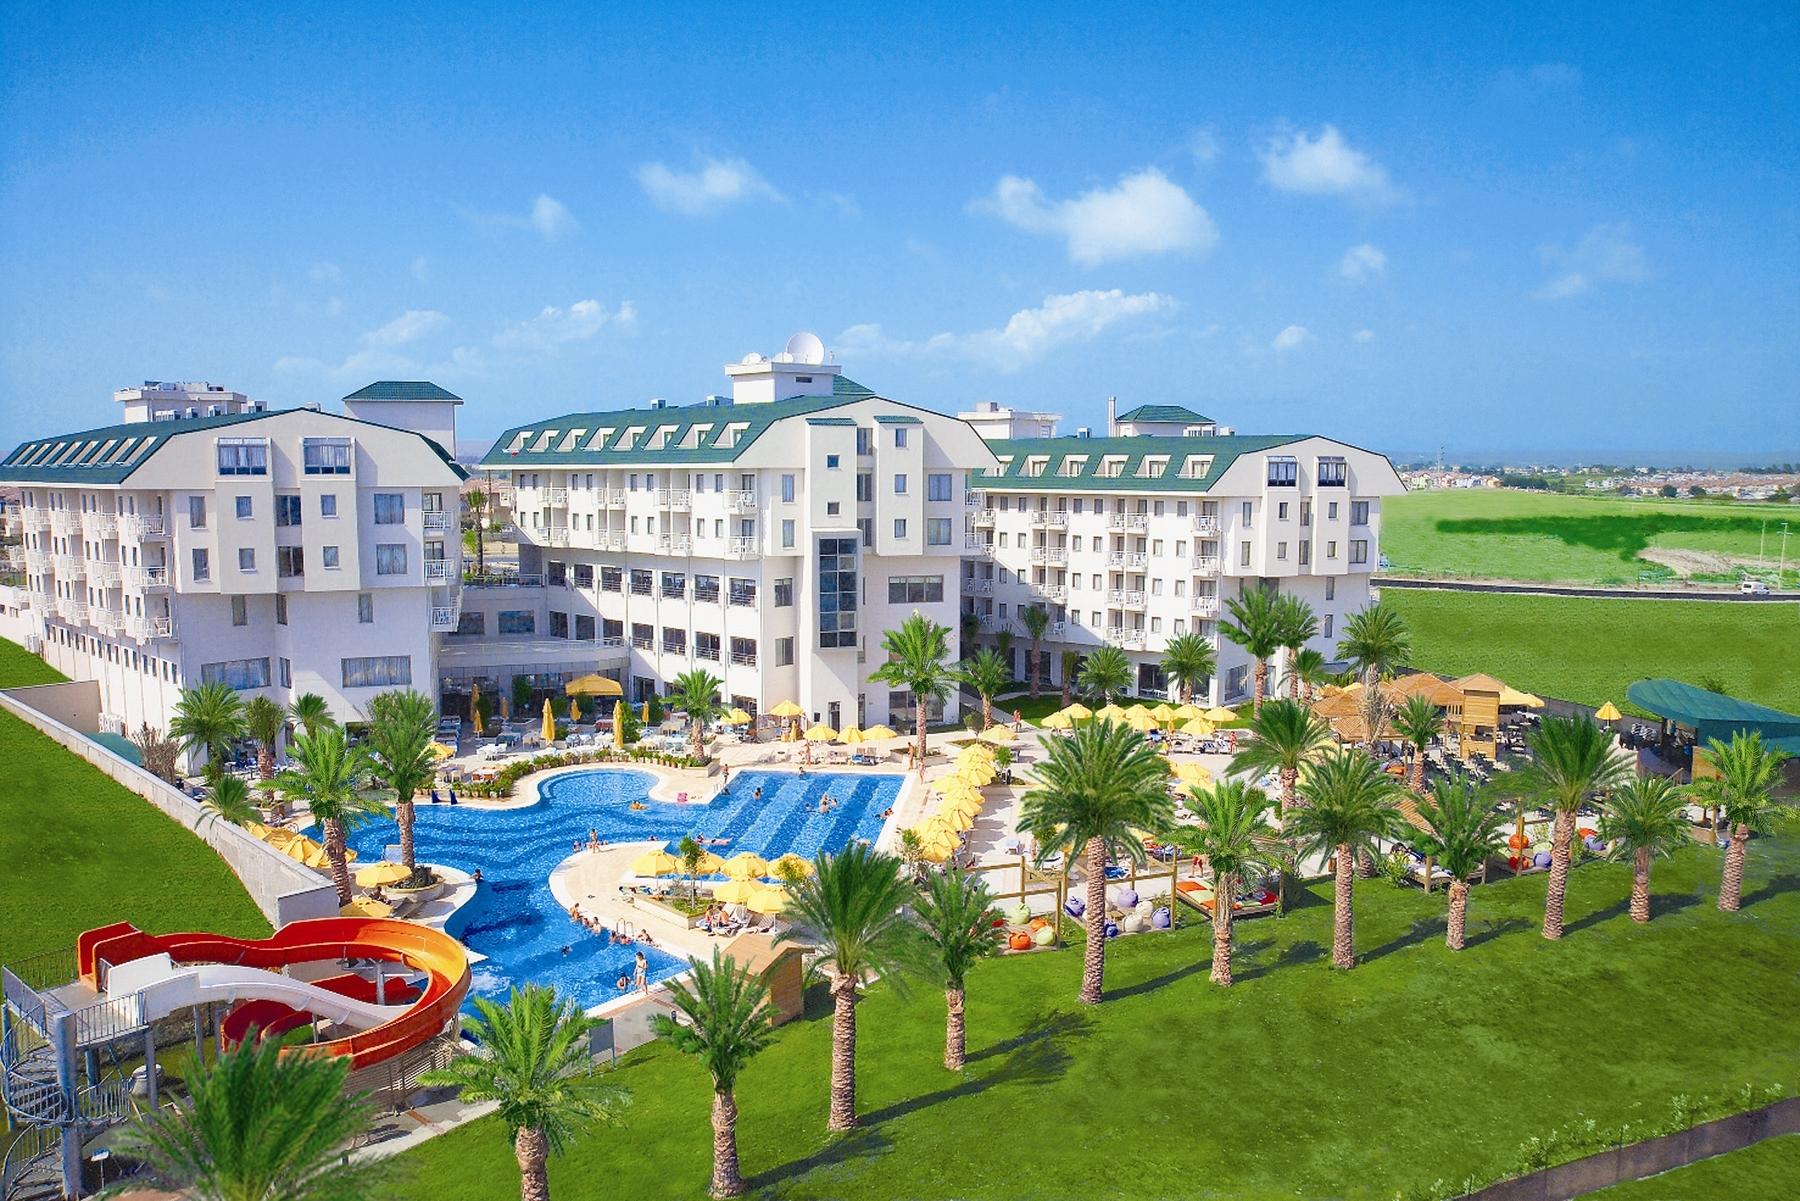 Alltours Expandiert Mit Eigener Hotelkette In Der Turkei Bild